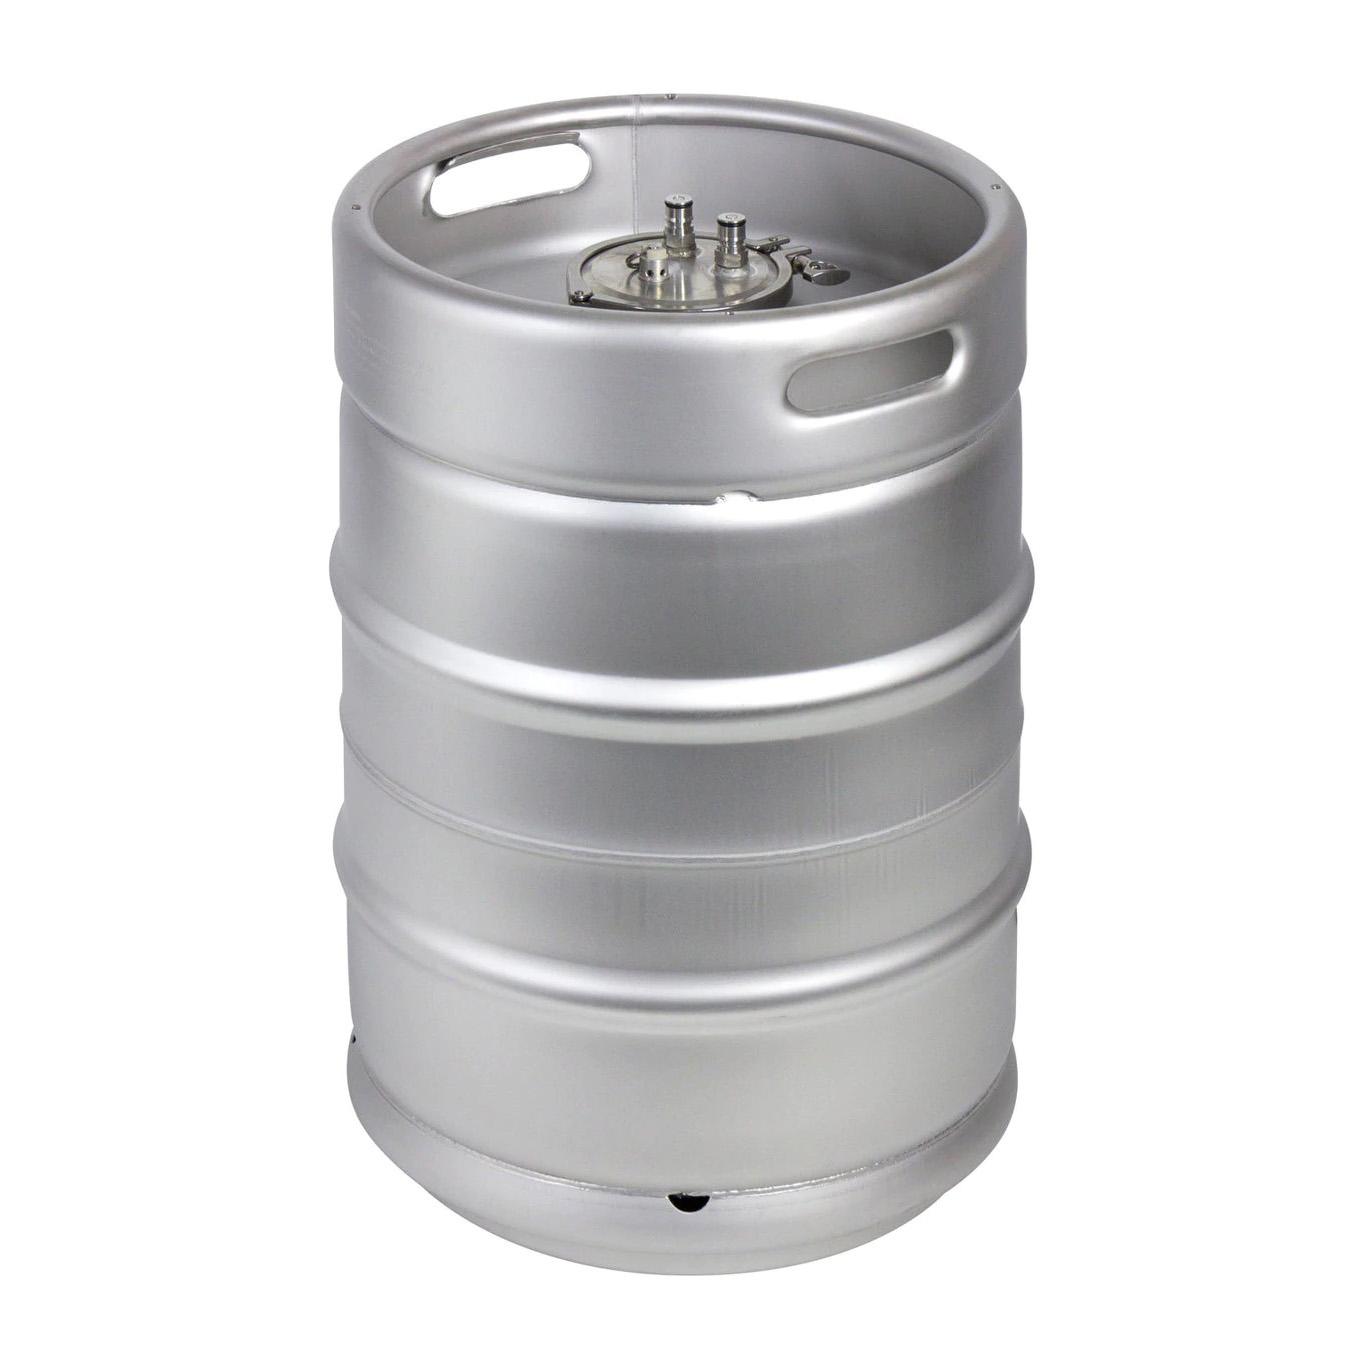 Bells Two Hearted Beer Keg